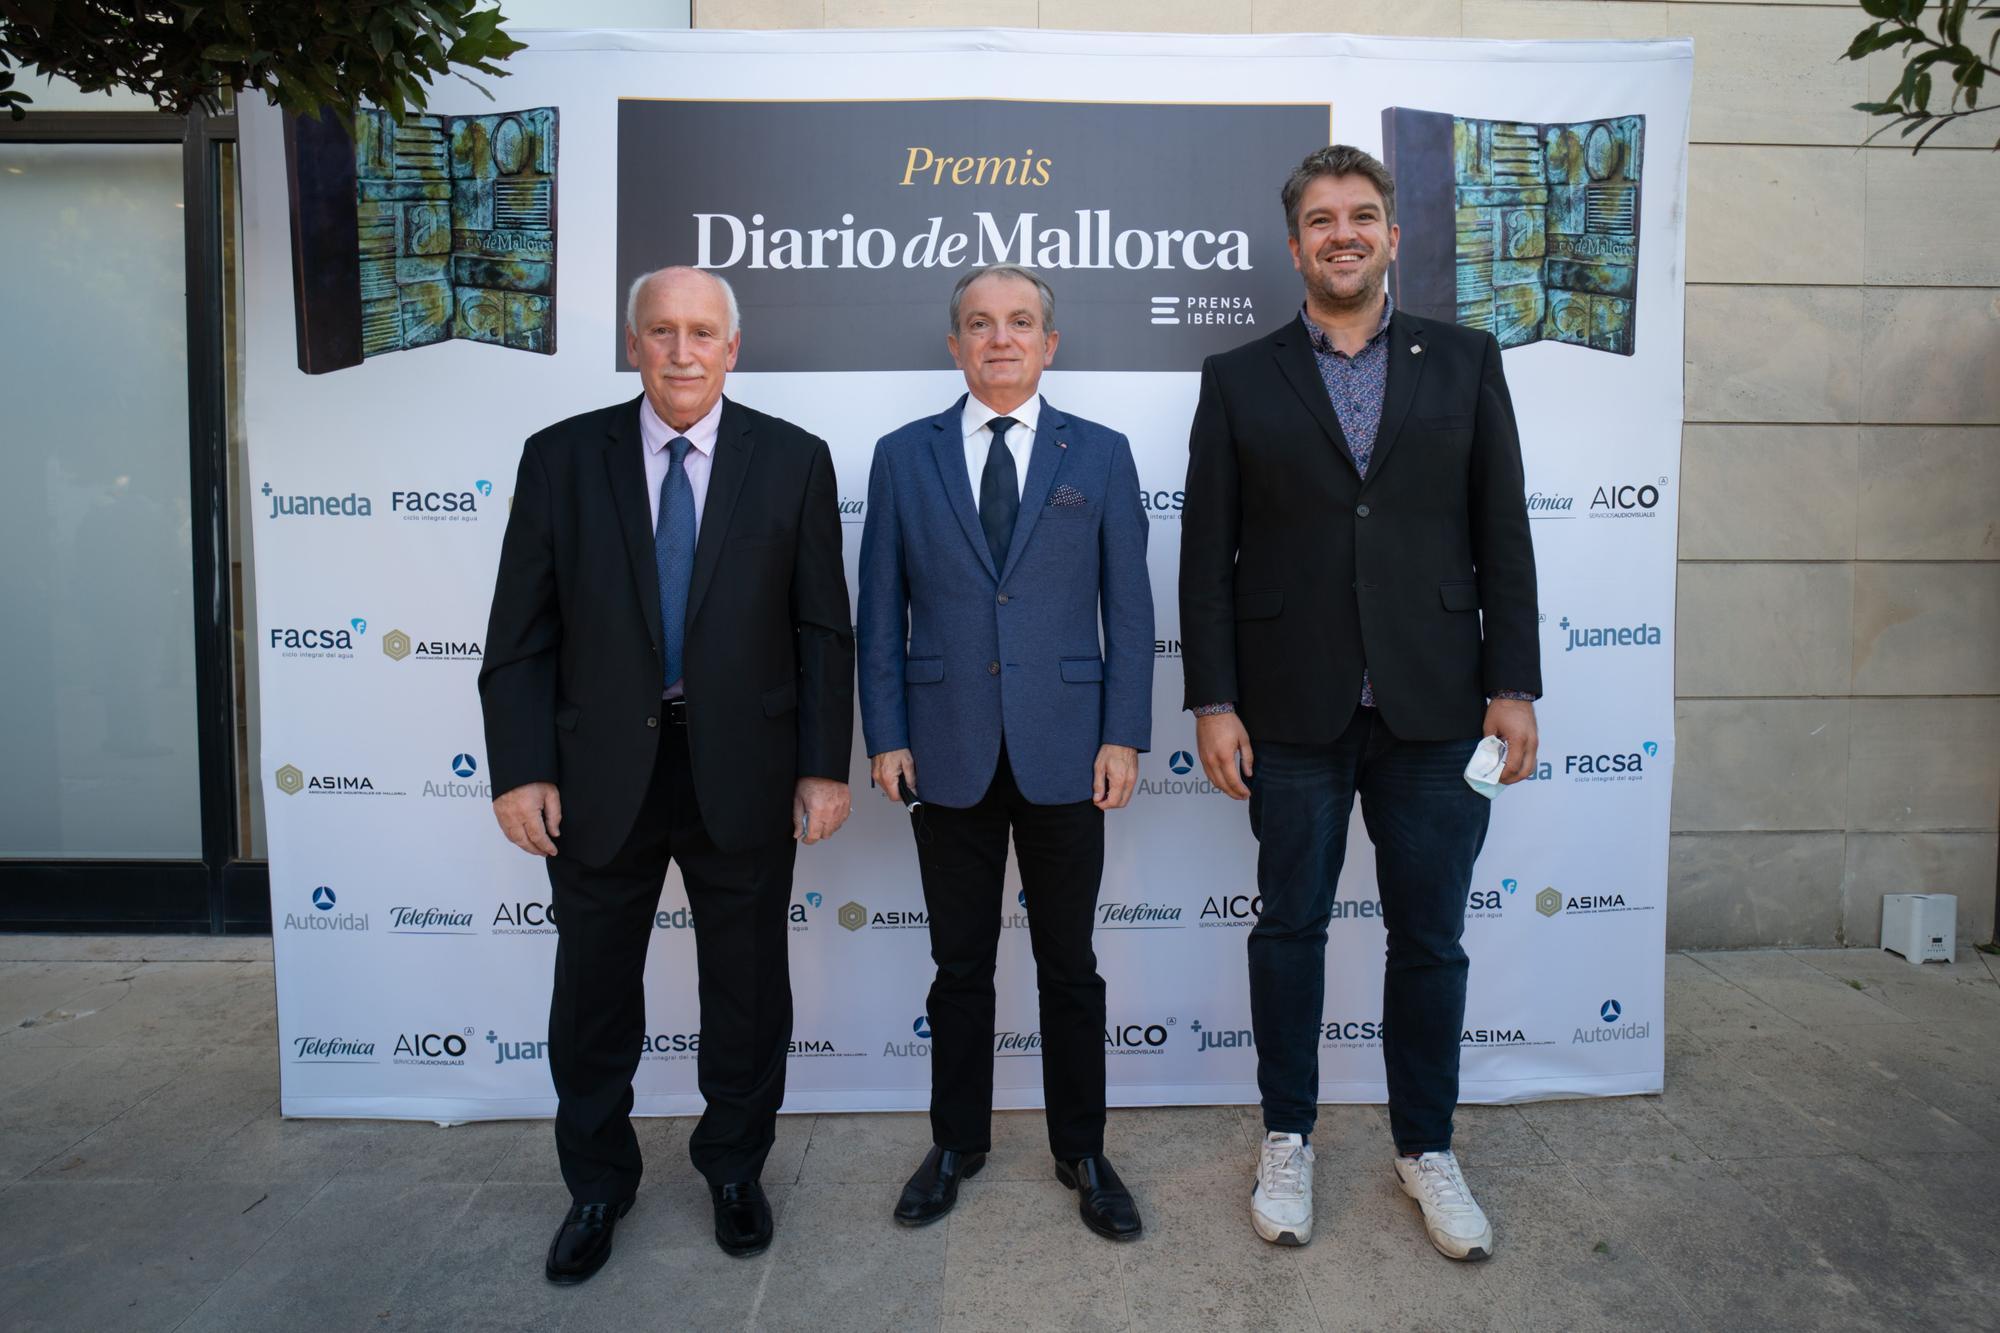 Premios Diario de Mallorca 71.jpg